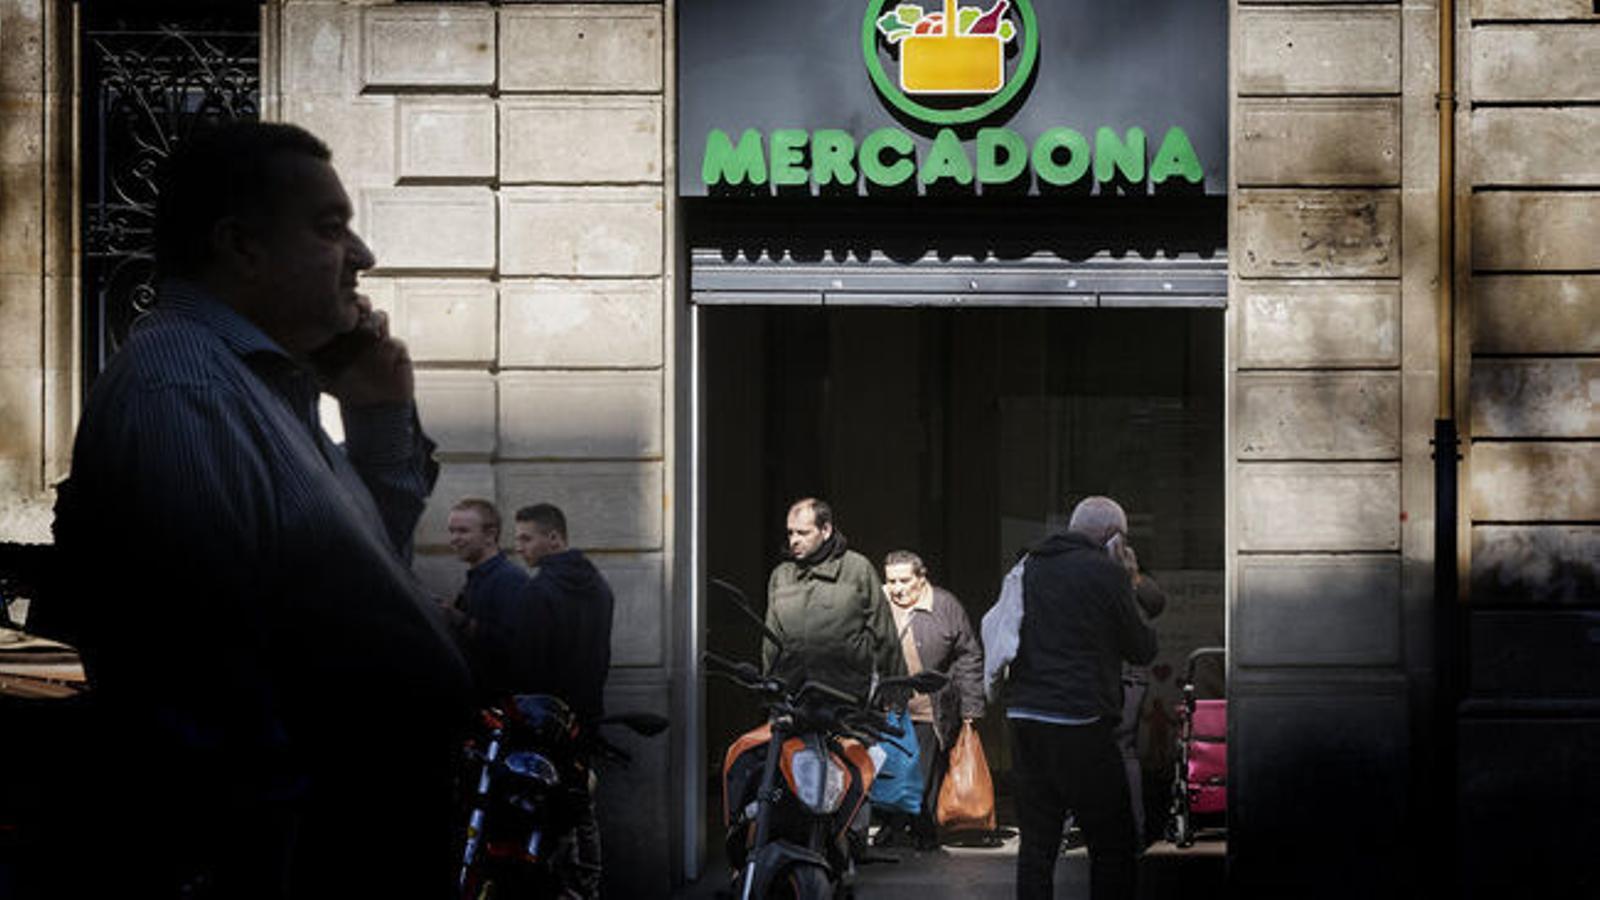 Des de l'1 de juliol Mercadona ha instal·lat càmeres de reconeixement facial en una quarantena de supermercats entre els quals no hi ha el de la Seu d'Urgell. / MANOLO GARCÍA